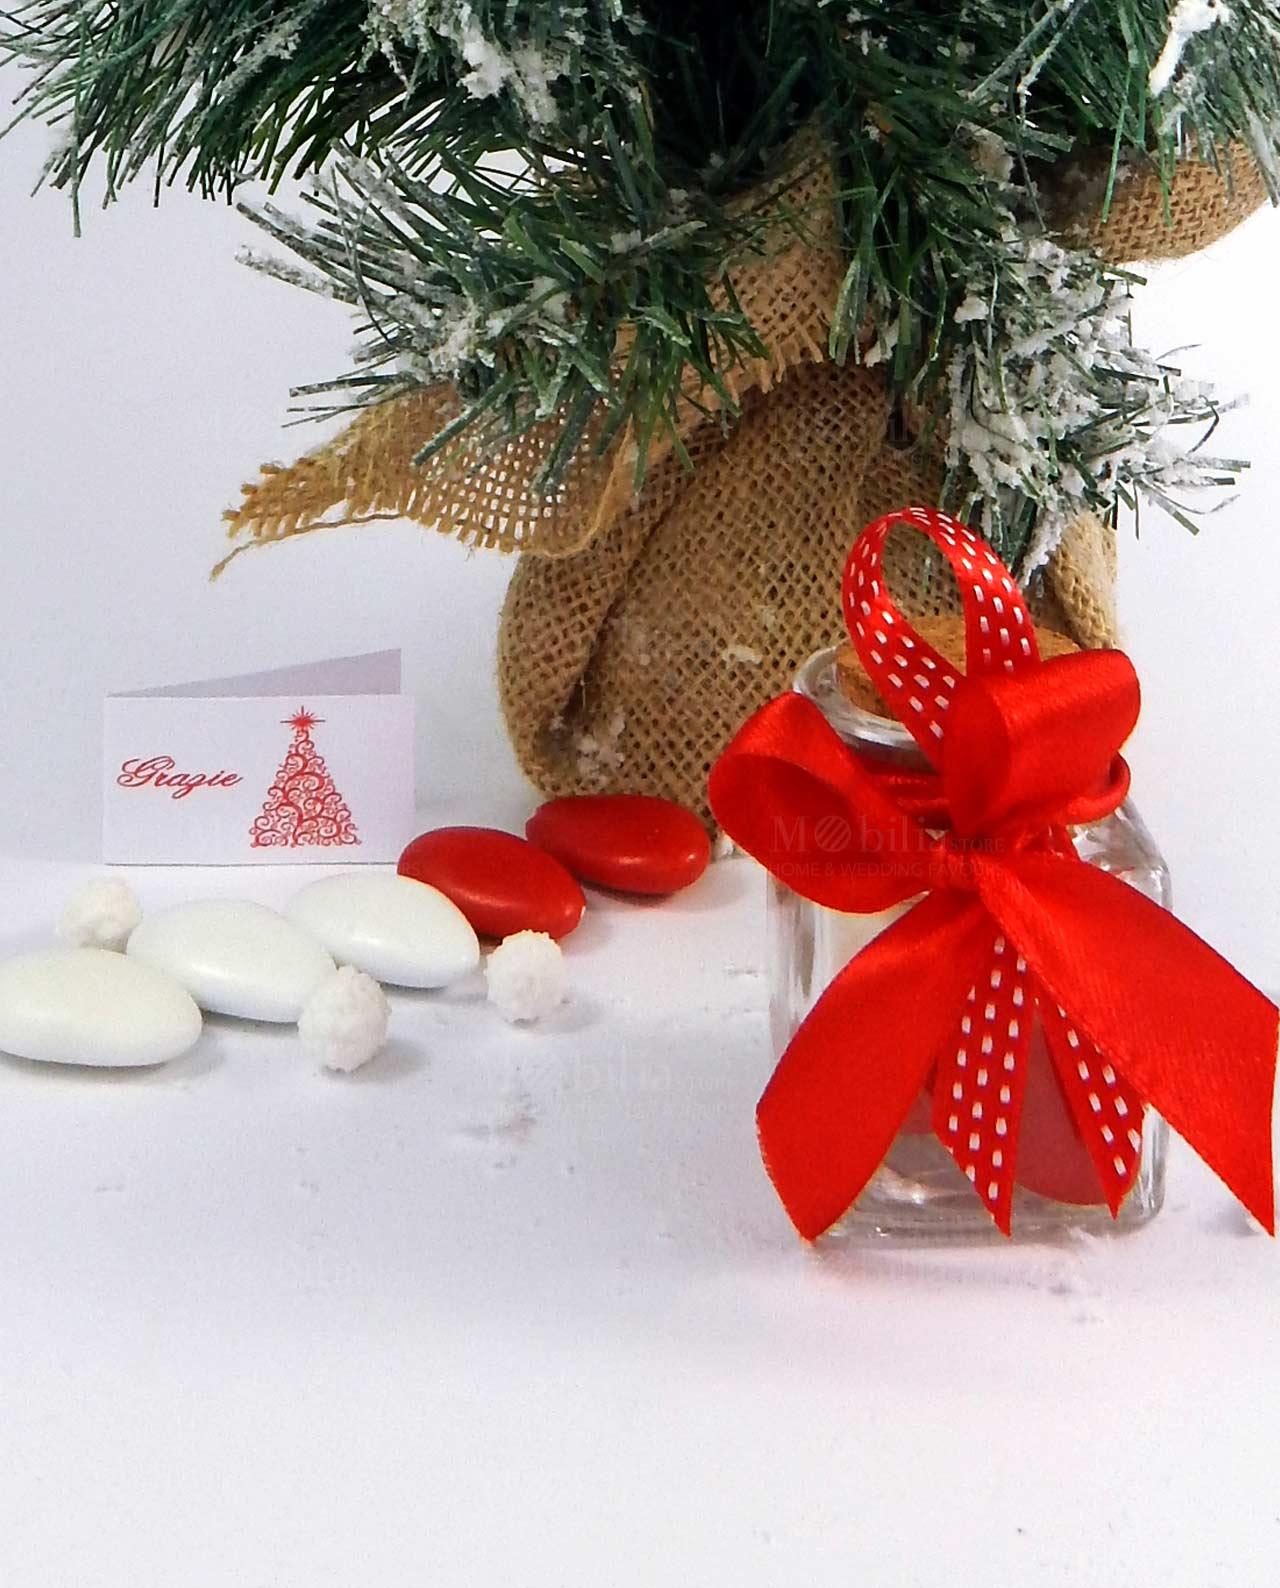 Bomboniere Matrimonio Natalizio : Bomboniera barattolino confezionato natalizio mobilia store